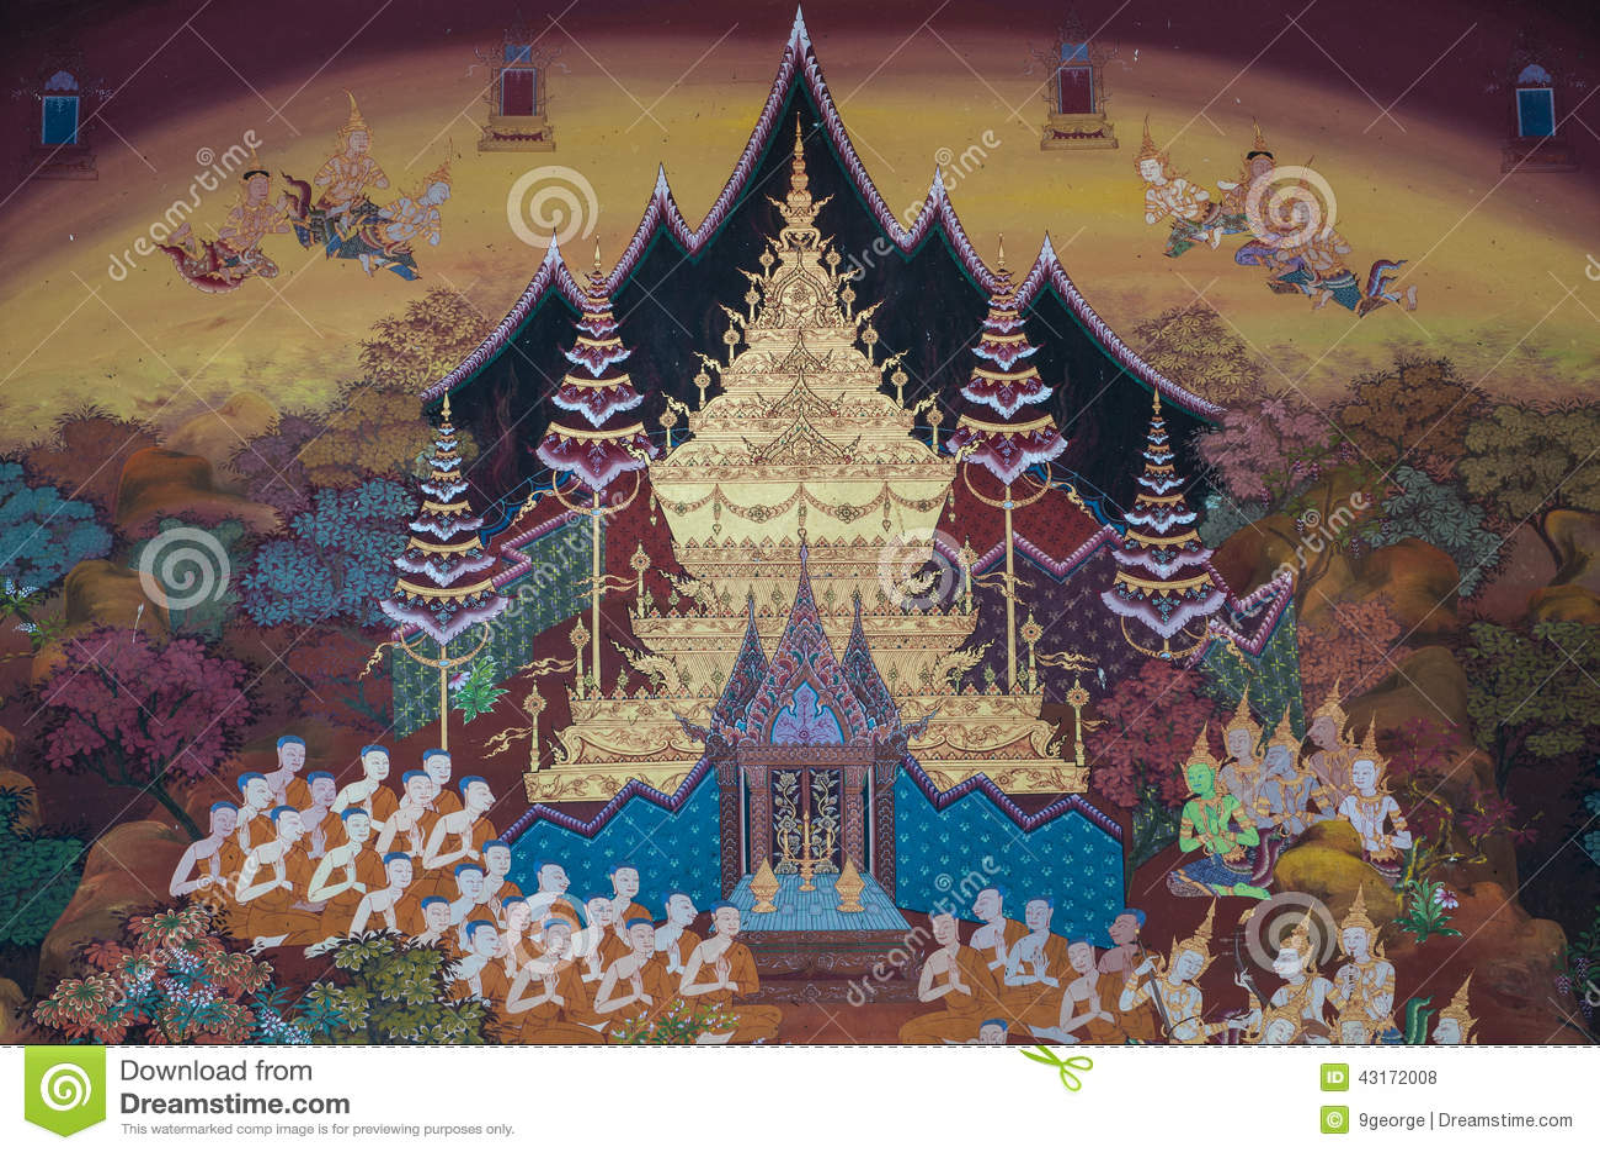 Pintura mural tailandesa en la pared wat pho bangkok - Pintar mural en pared ...